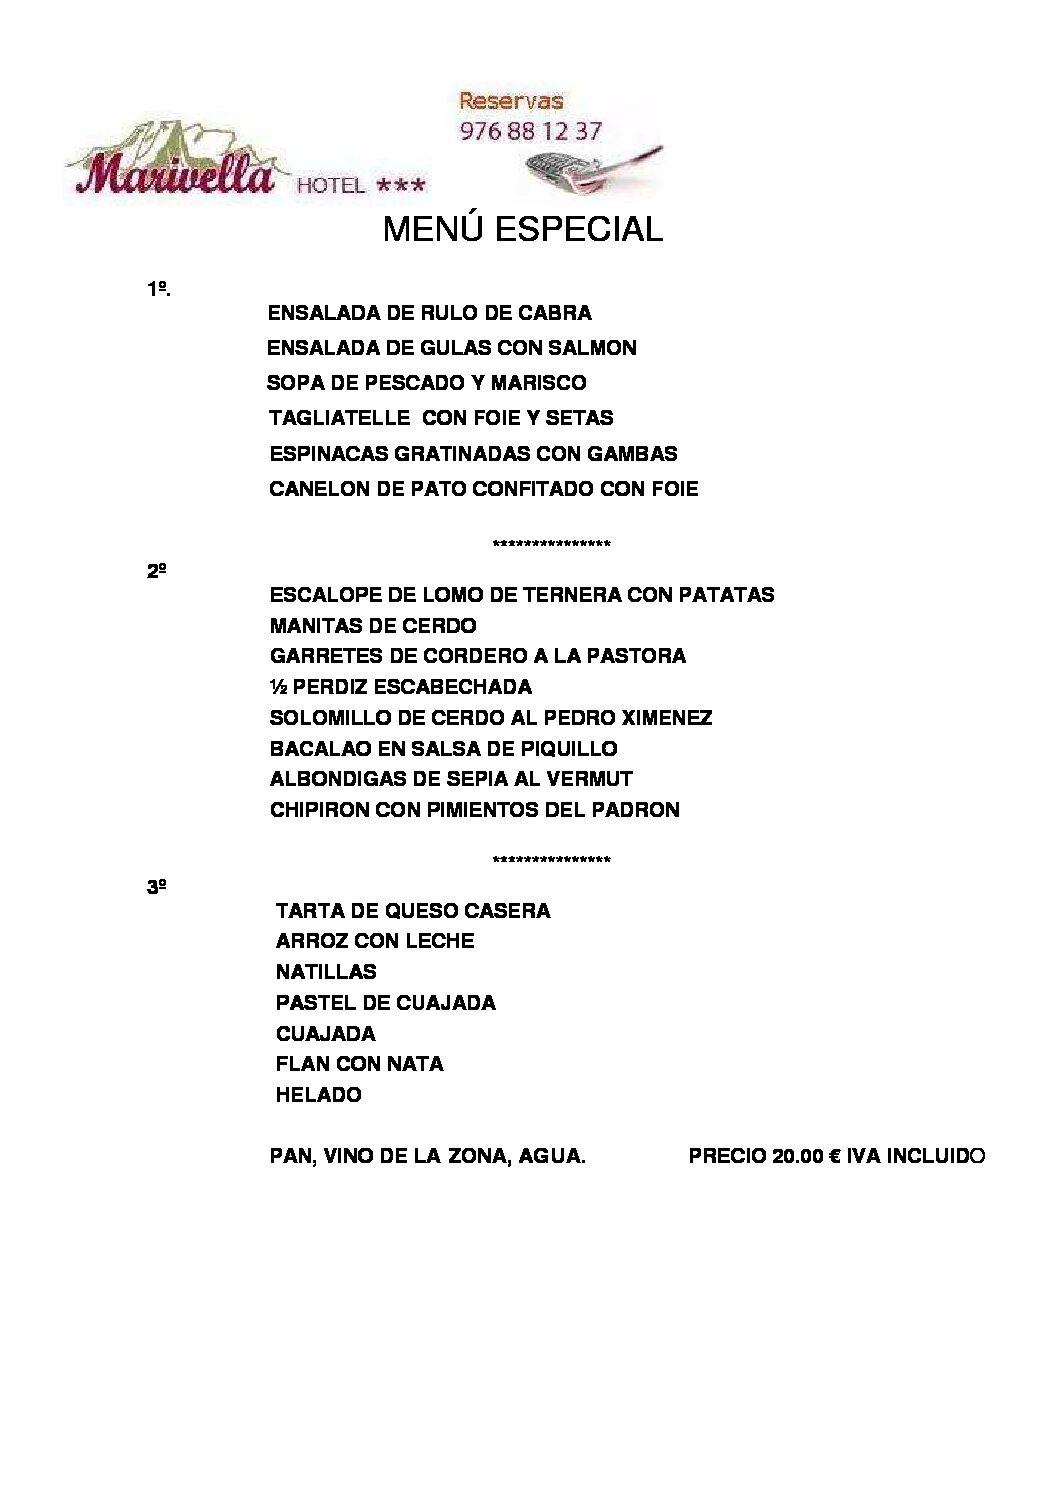 MENU-ESPECIAL-1-Y-6-ENERO-2019-pdf.jpg